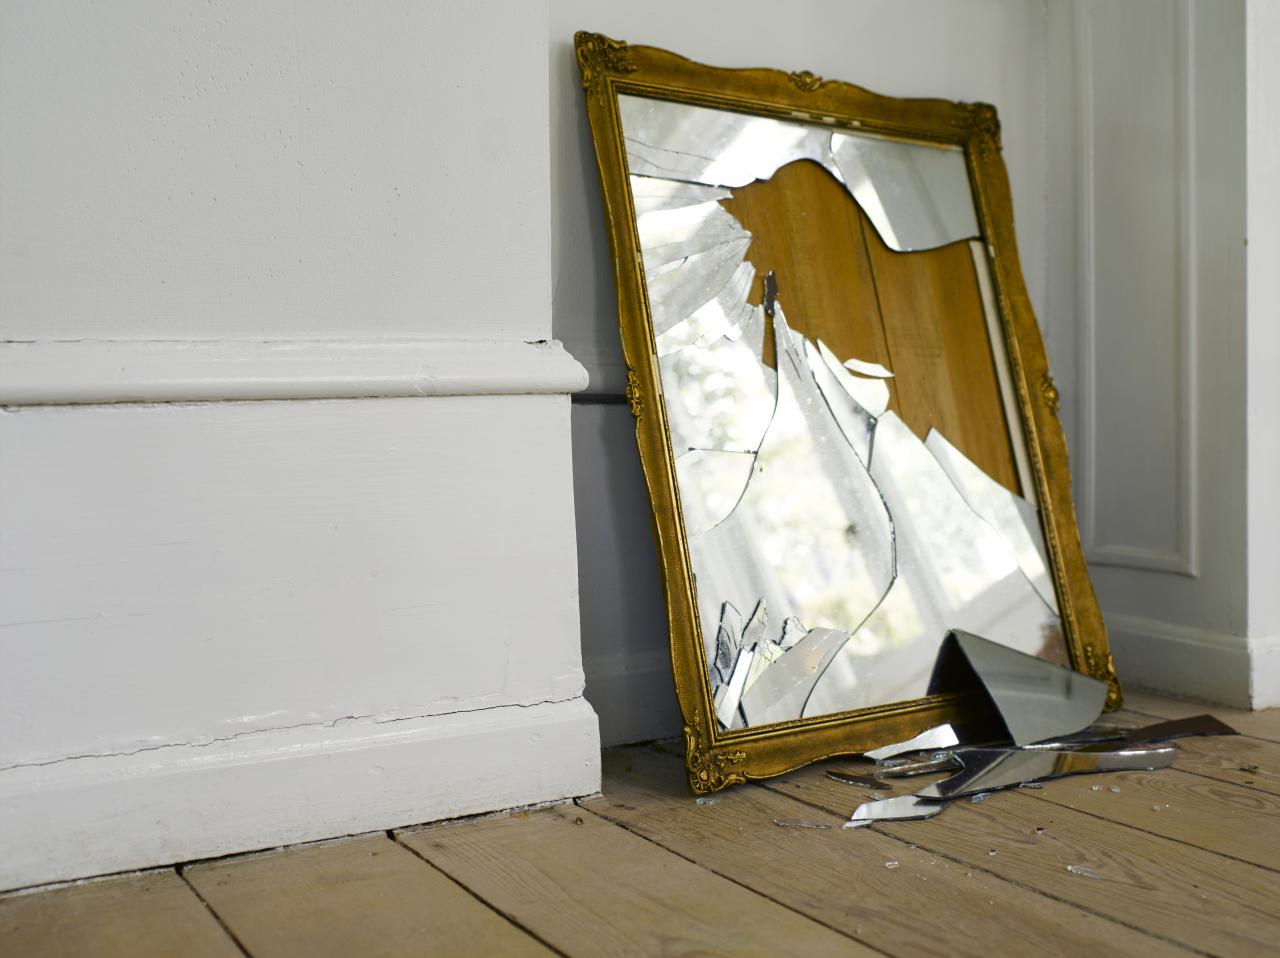 картинка разбитое зеркало безымянном ногте